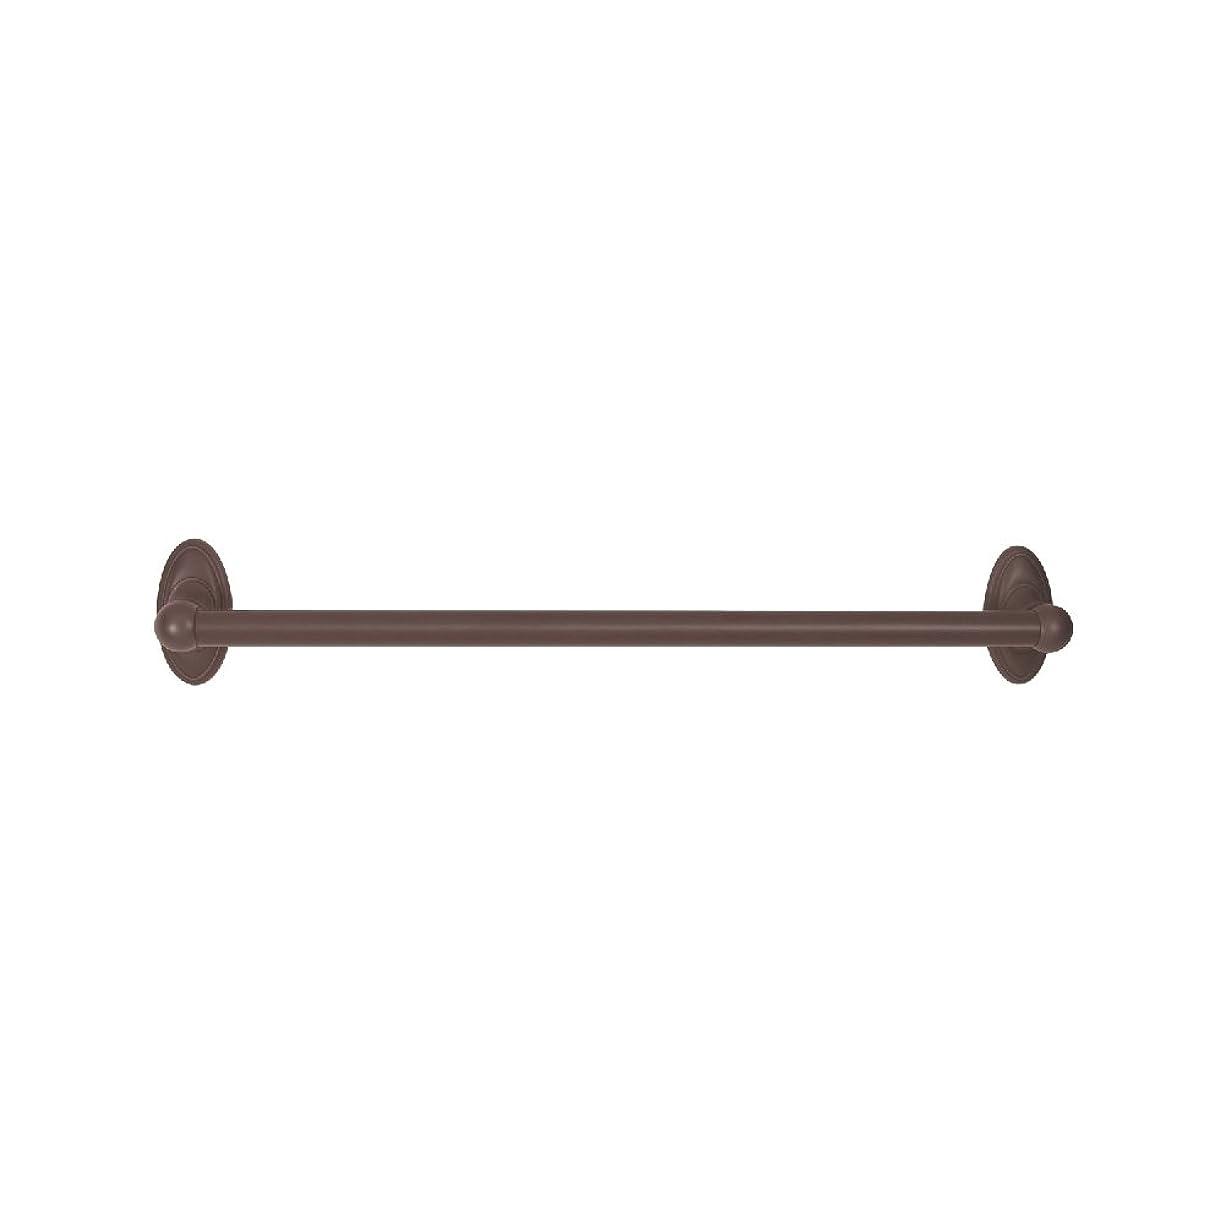 溶接安心させる彼らAlno A8020-18-CHBRZ 35cm Classic Traditional Towel Bar